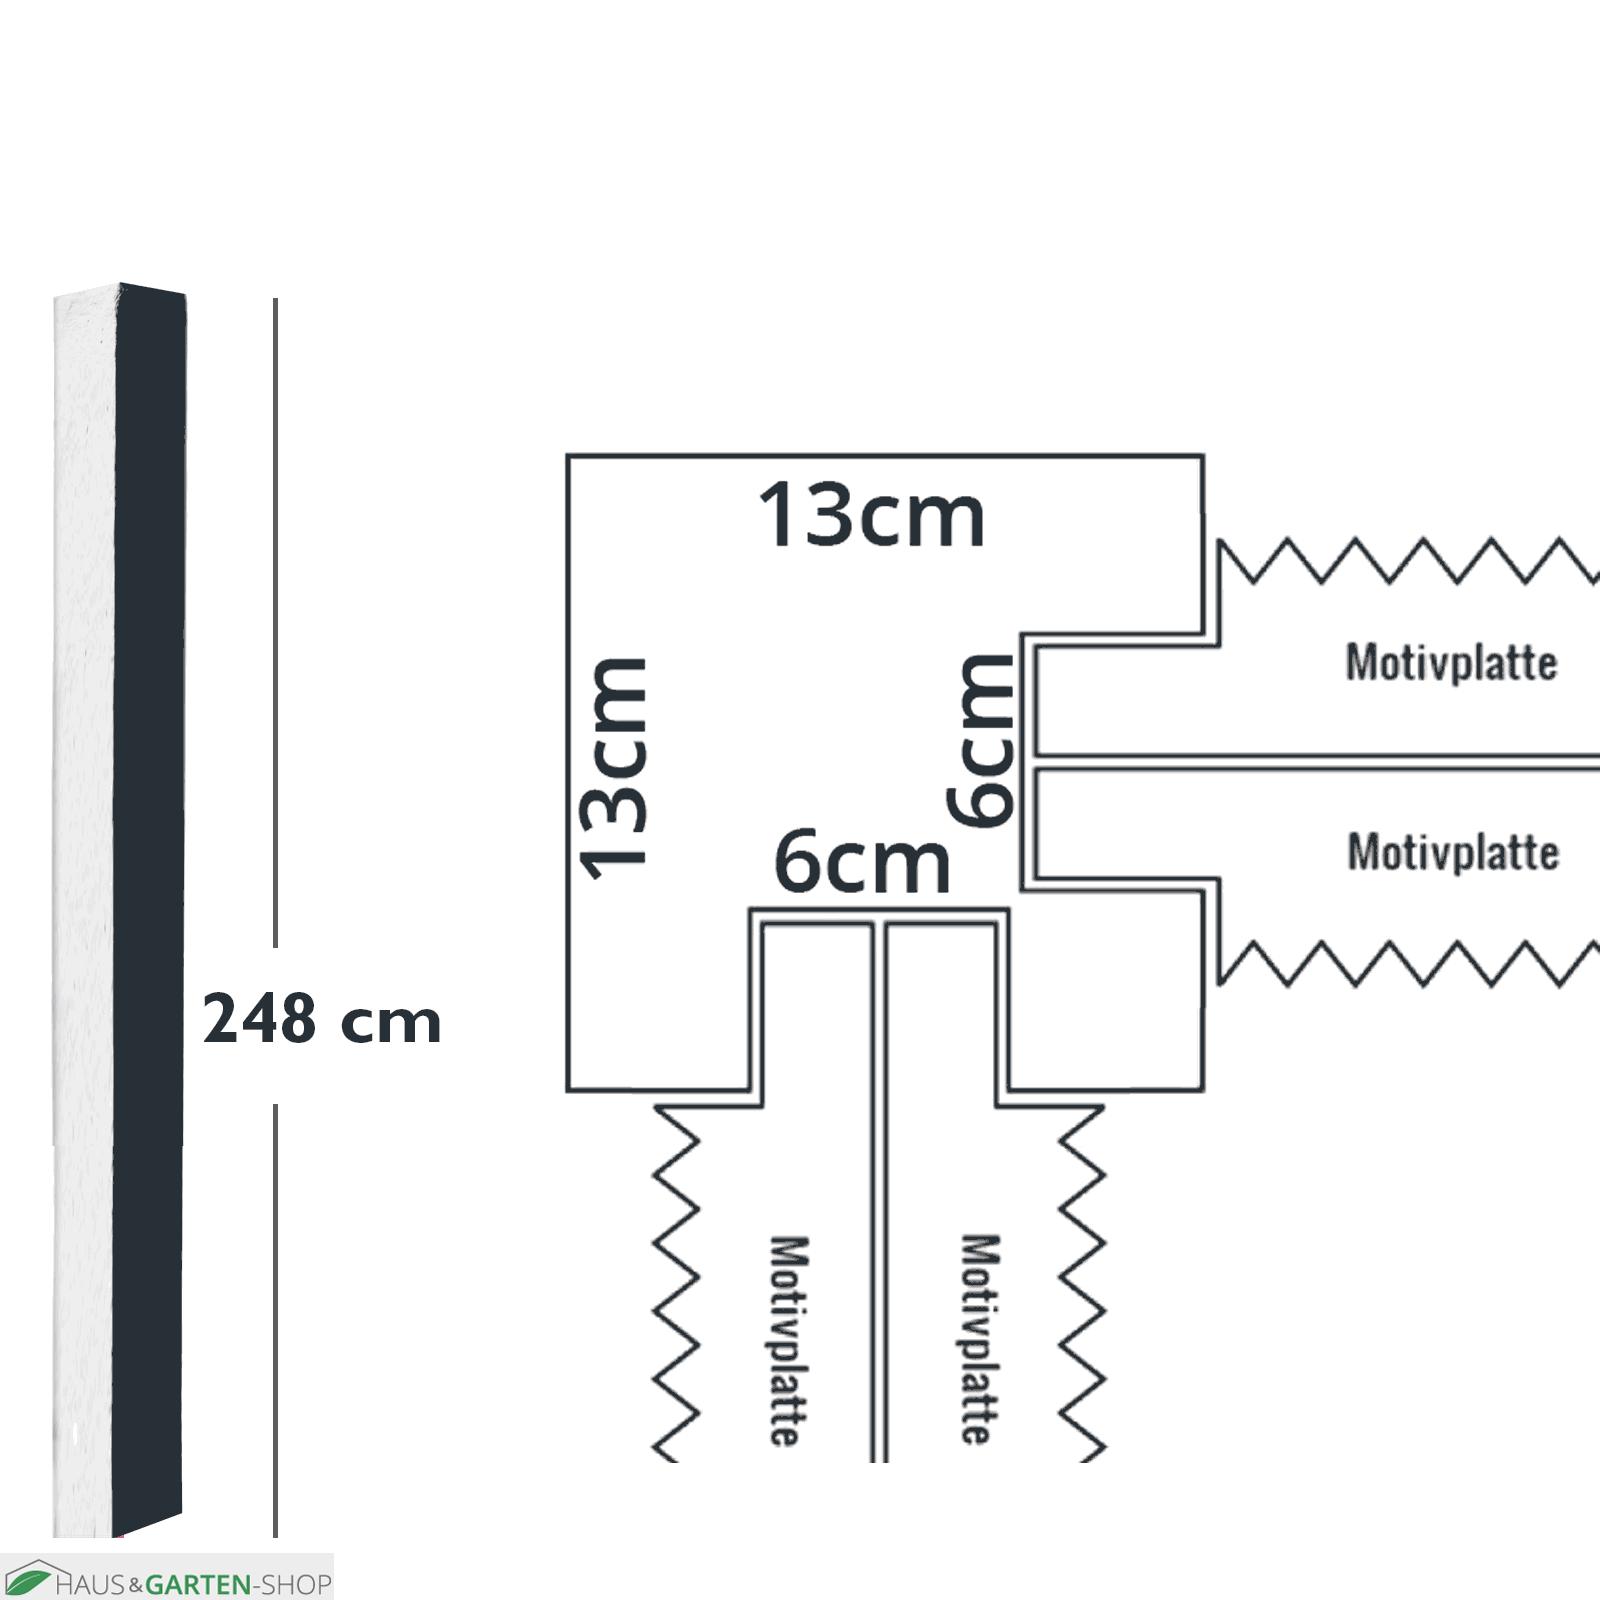 Doppelseitiger Betonpfosten Zur Montage Von Motivplatten